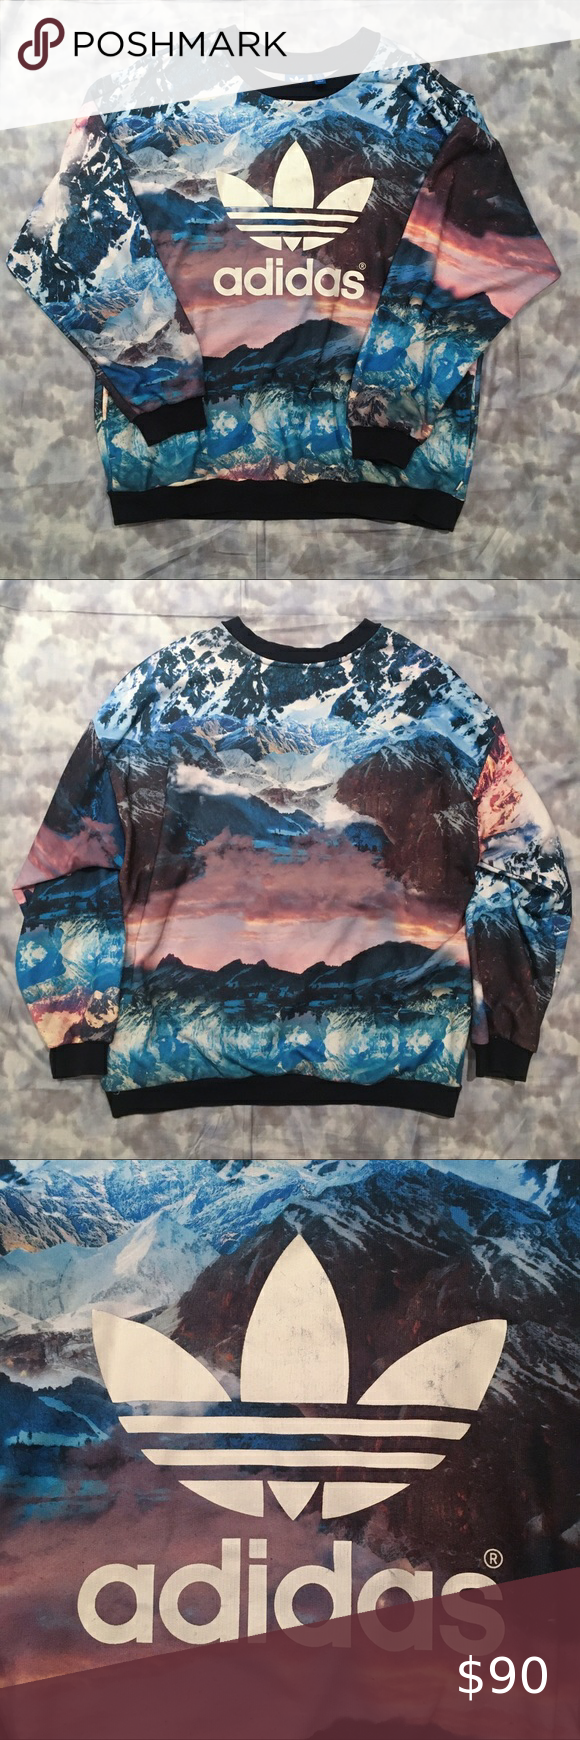 Adidas Originals Mountain Clash Crew Sweatshirt Crew Sweatshirts Sweatshirts Clothes Design [ 1740 x 580 Pixel ]